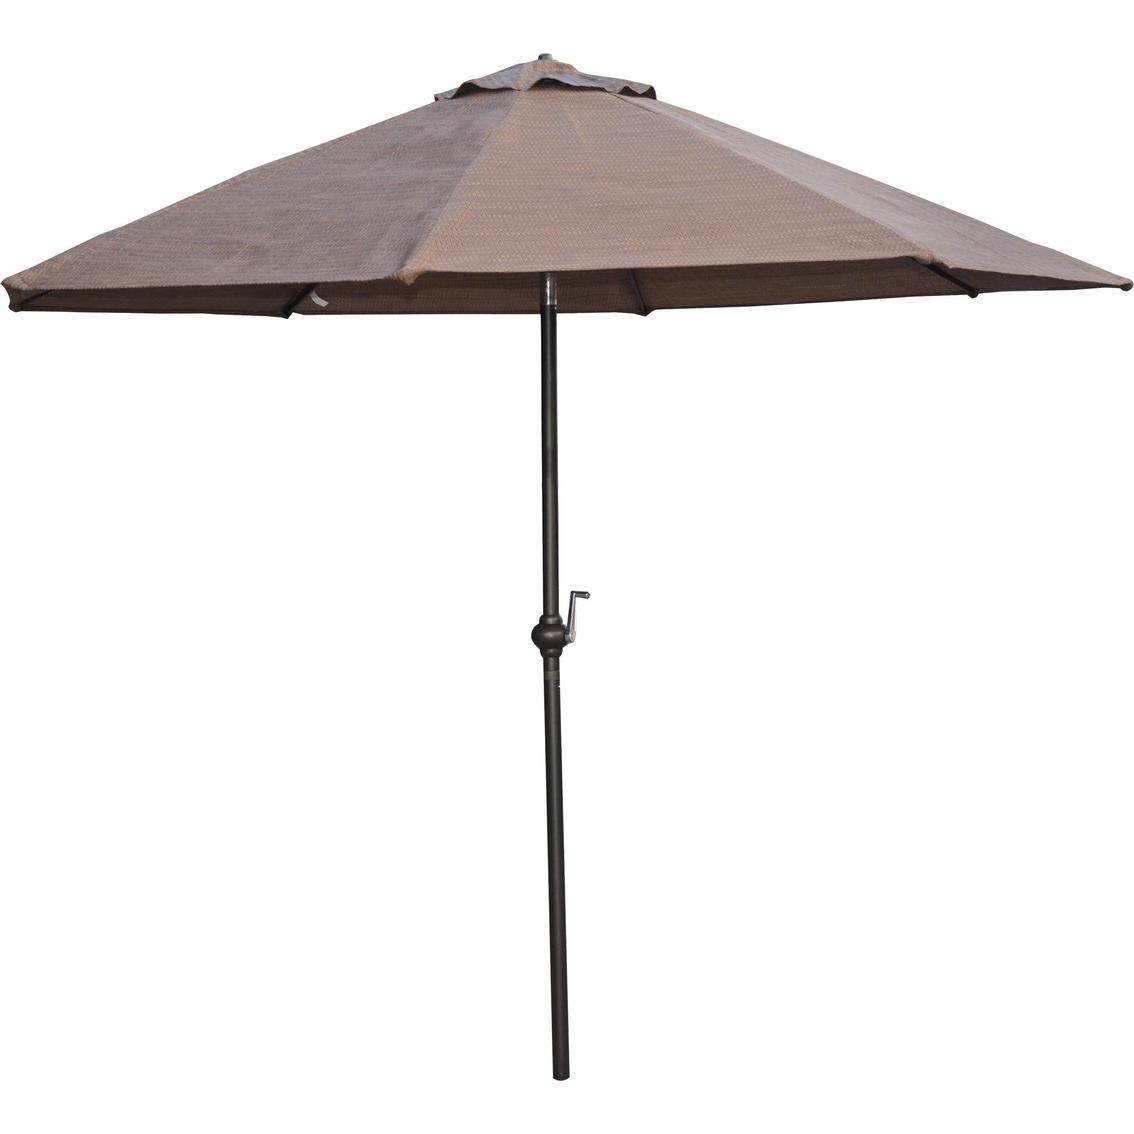 Patio Logic Garden Point 9 Ft Market Umbrella Table